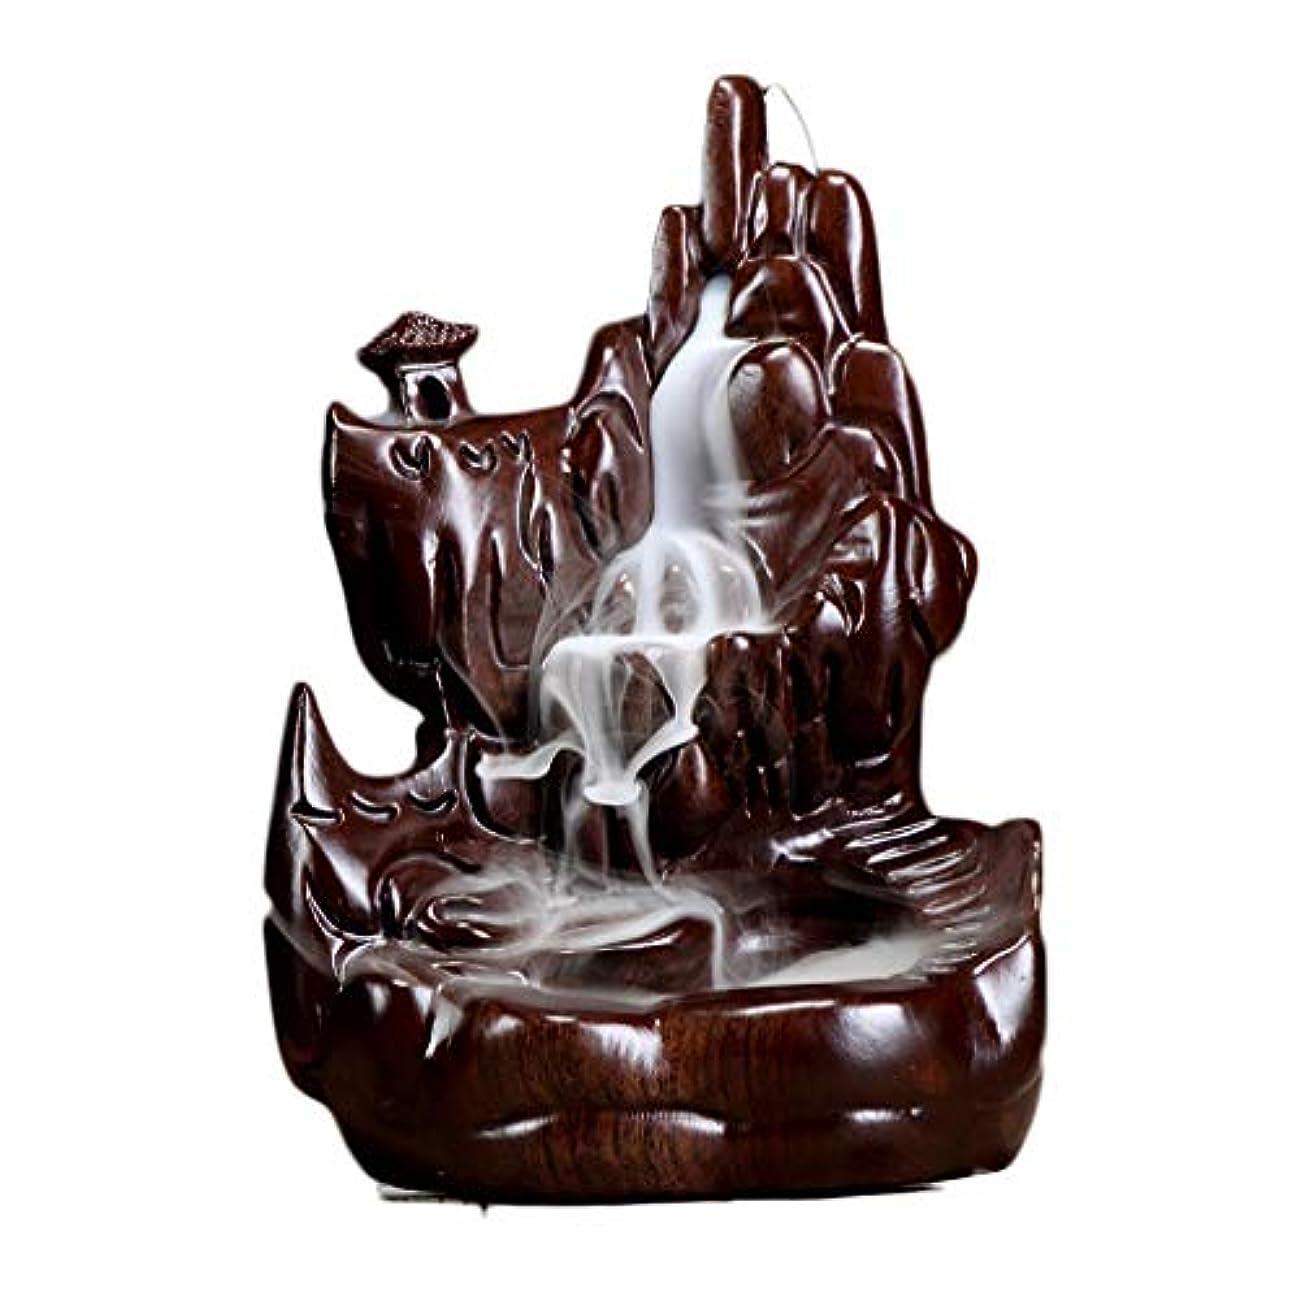 人工なに膨らませるホームアロマバーナー 逆流の香り現代中国の香炉仏の部屋の香炉の黒檀の木材香の香炉アロマセラピー炉 アロマバーナー (Color : Black and ebony)